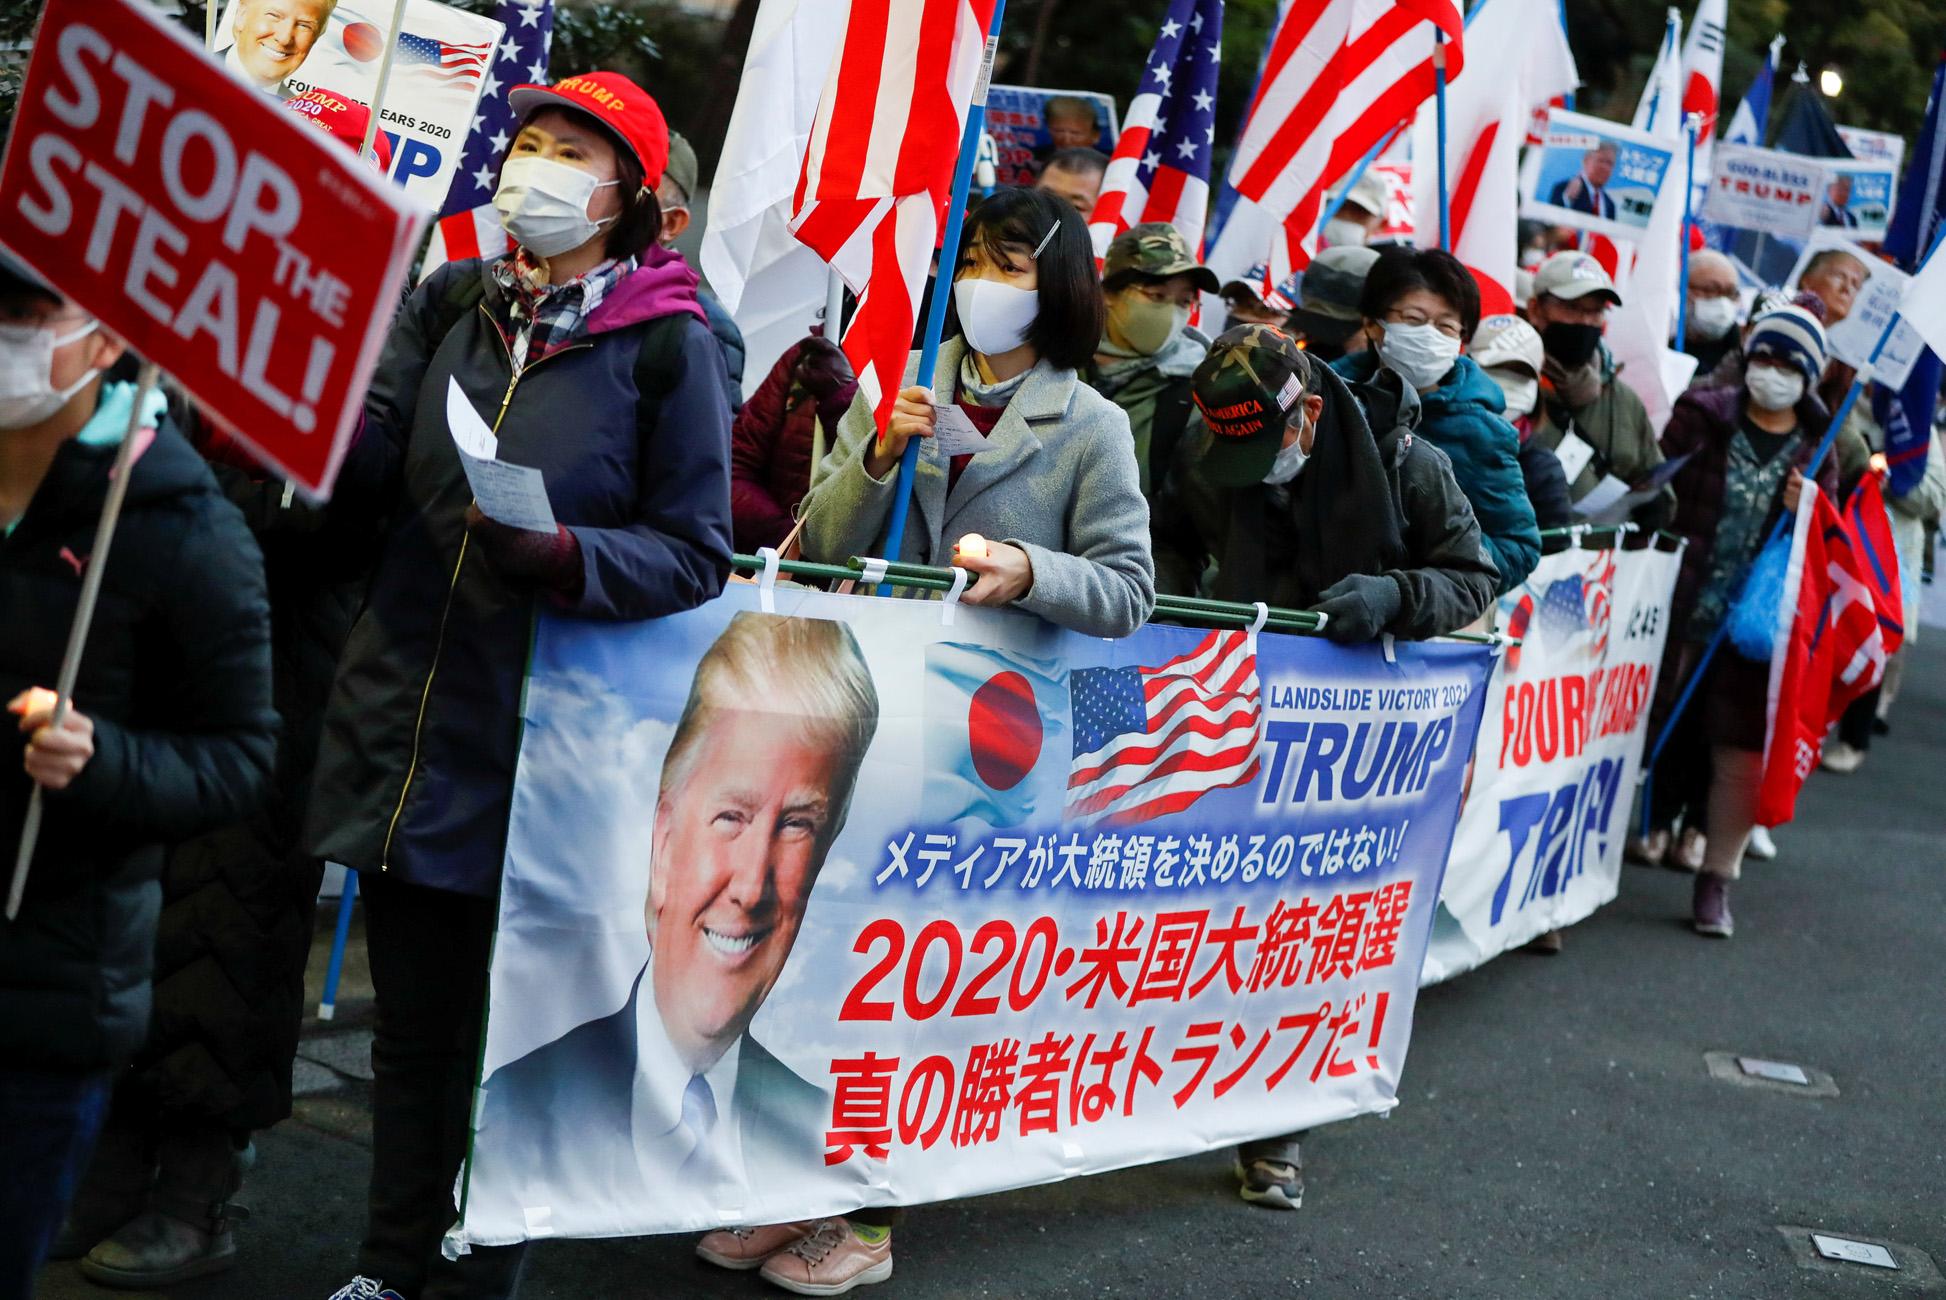 Ιαπωνία: Οπαδοί του Τραμπ έκαναν πορεία στο Τόκιο